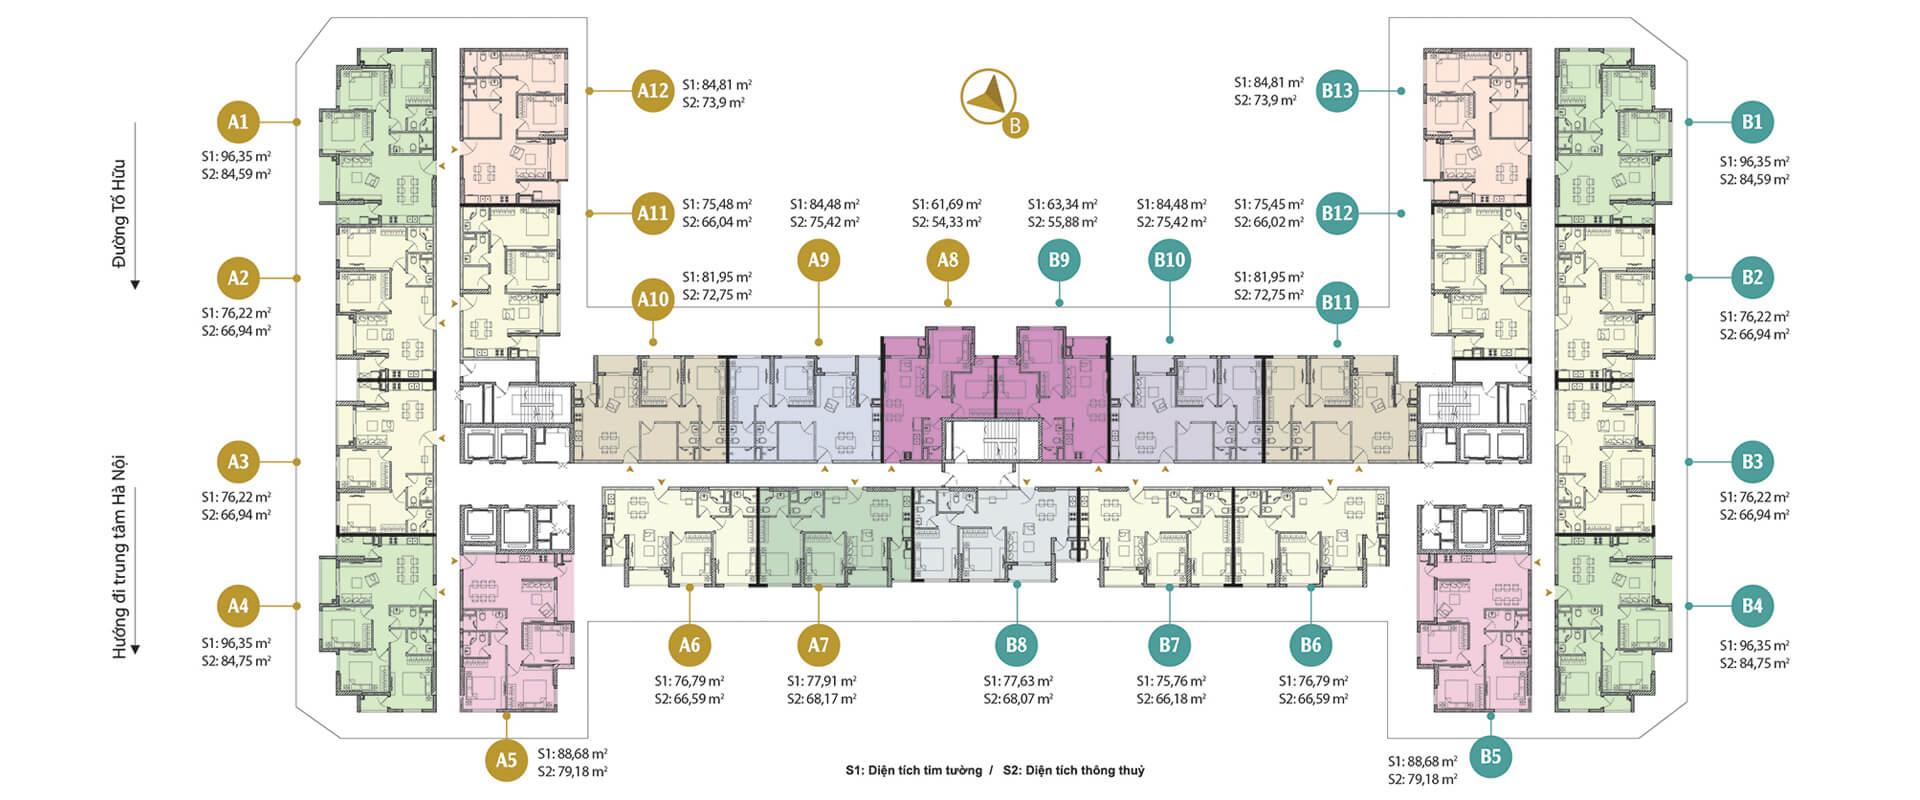 Mặt bằng điển hình chung cư Anland Premium Dương Nội